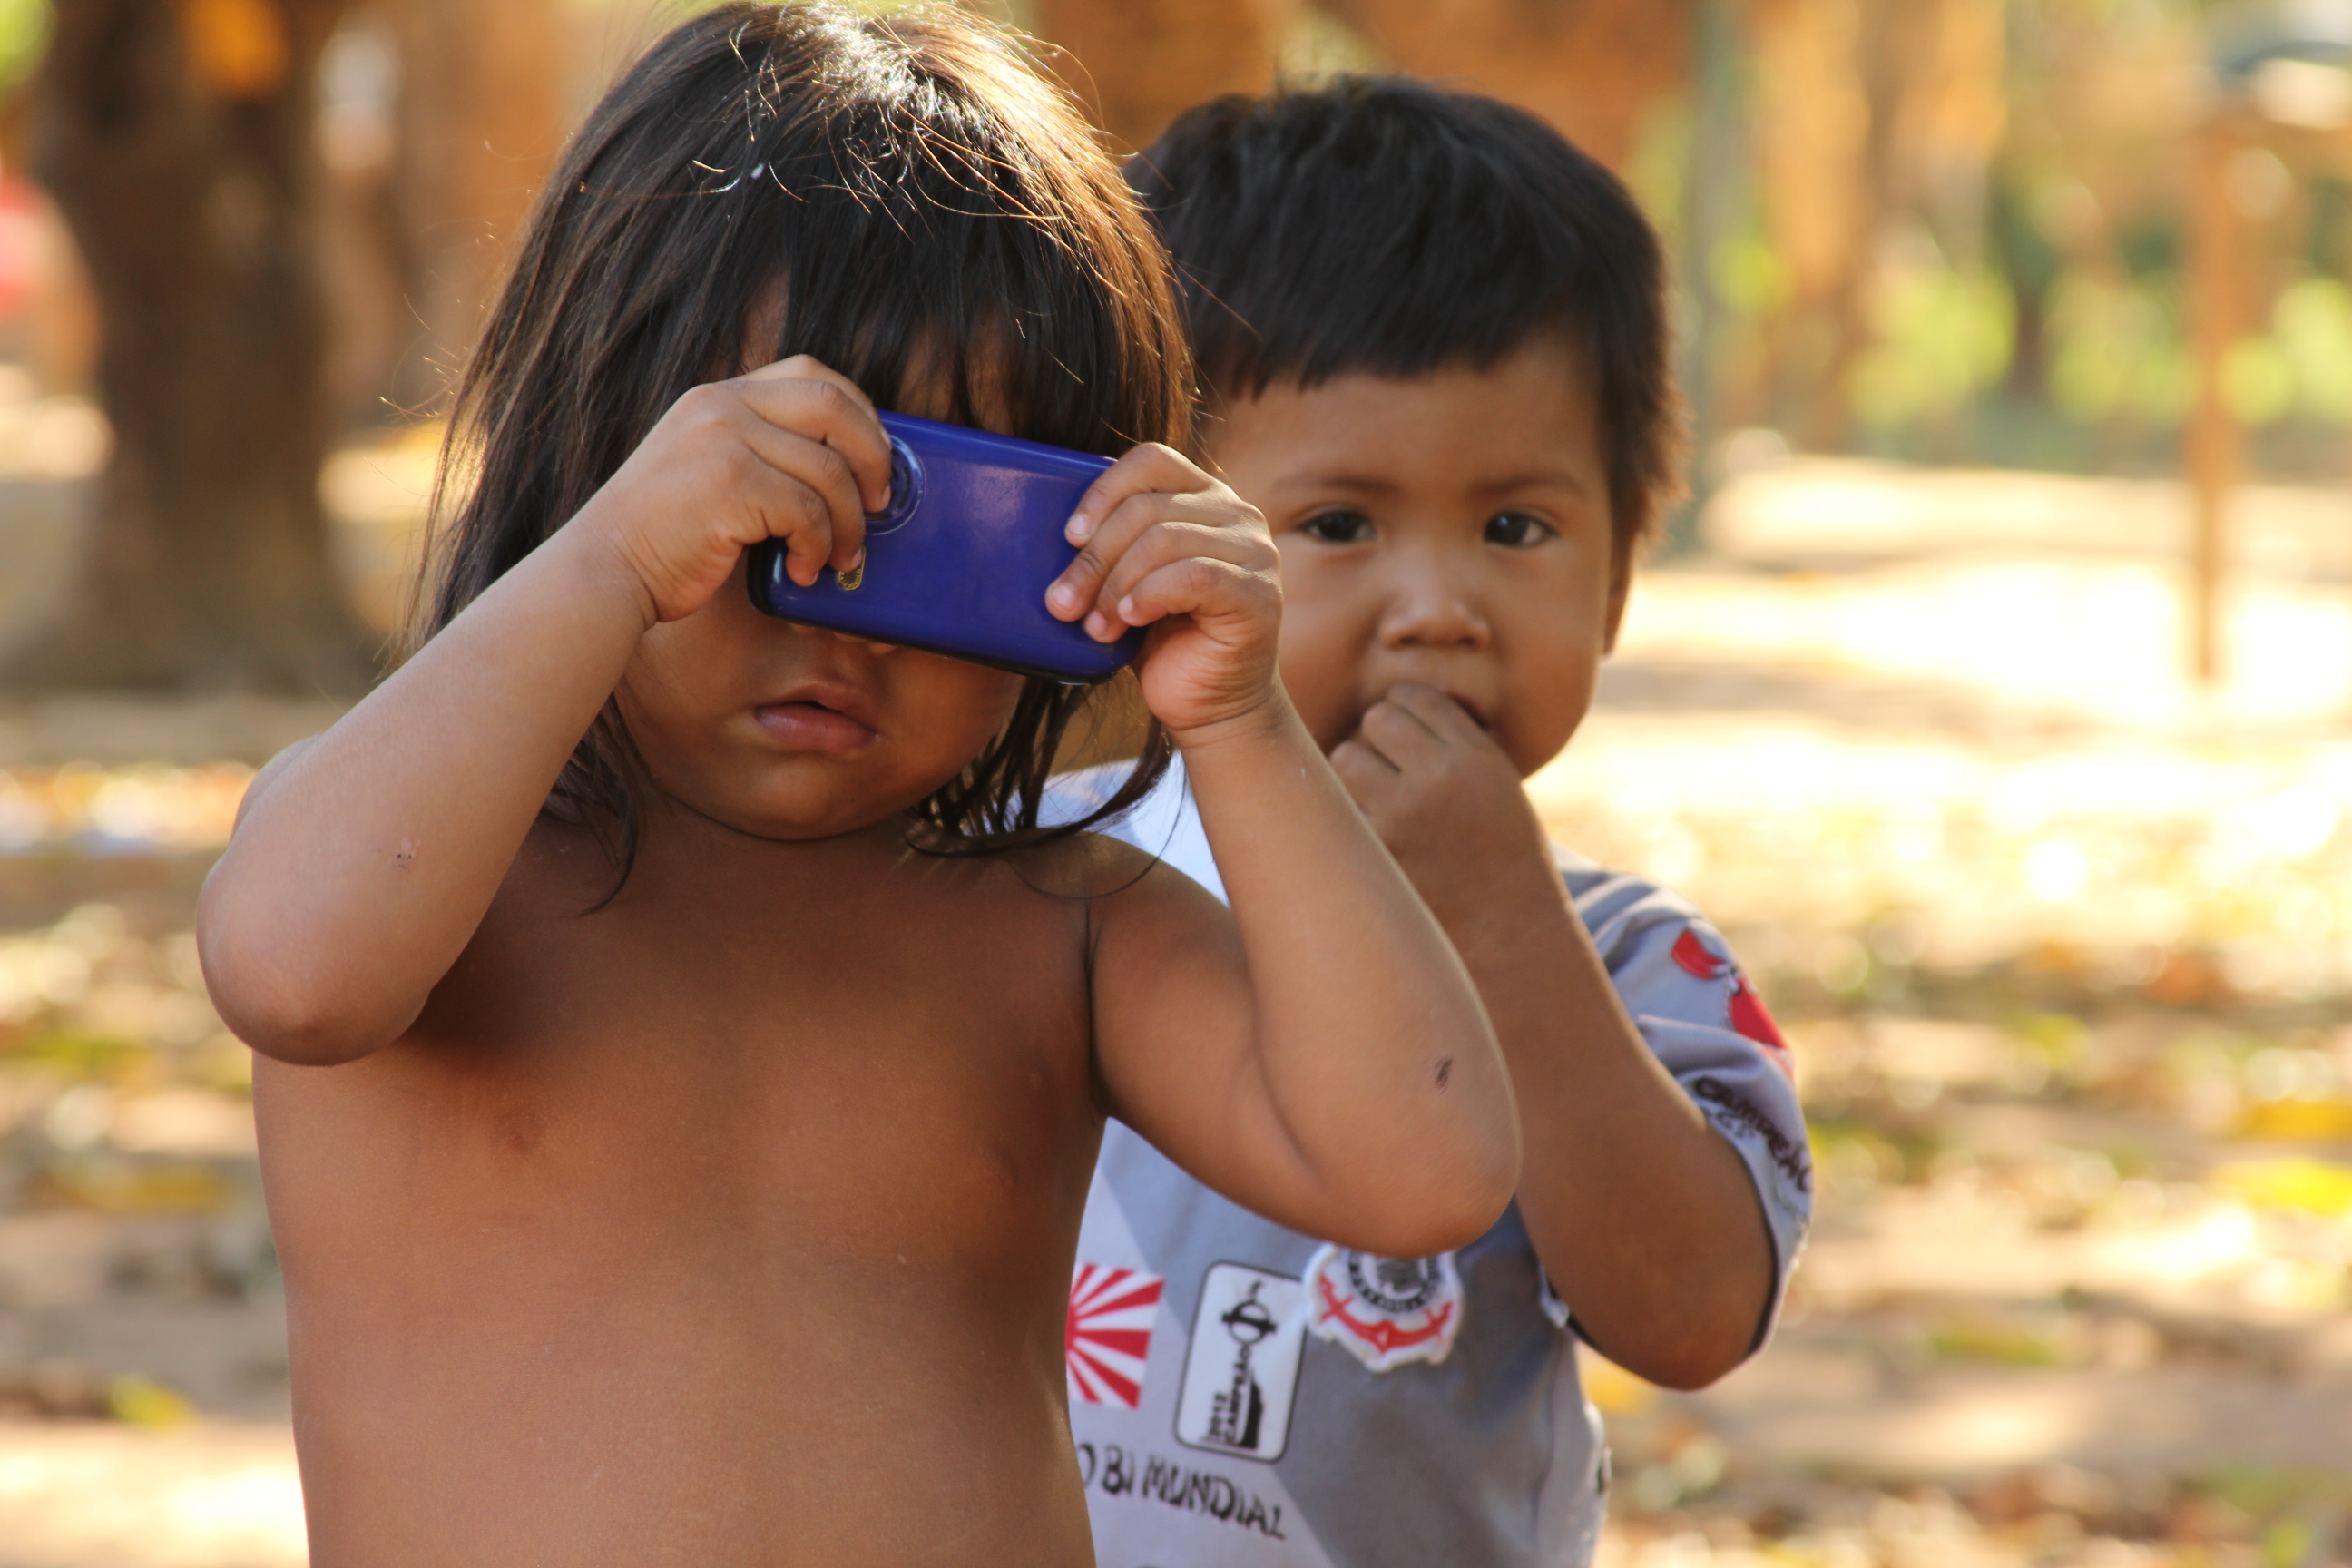 Conhecido As 10 mentiras mais contadas sobre os indígenas - Revista Fórum EN47